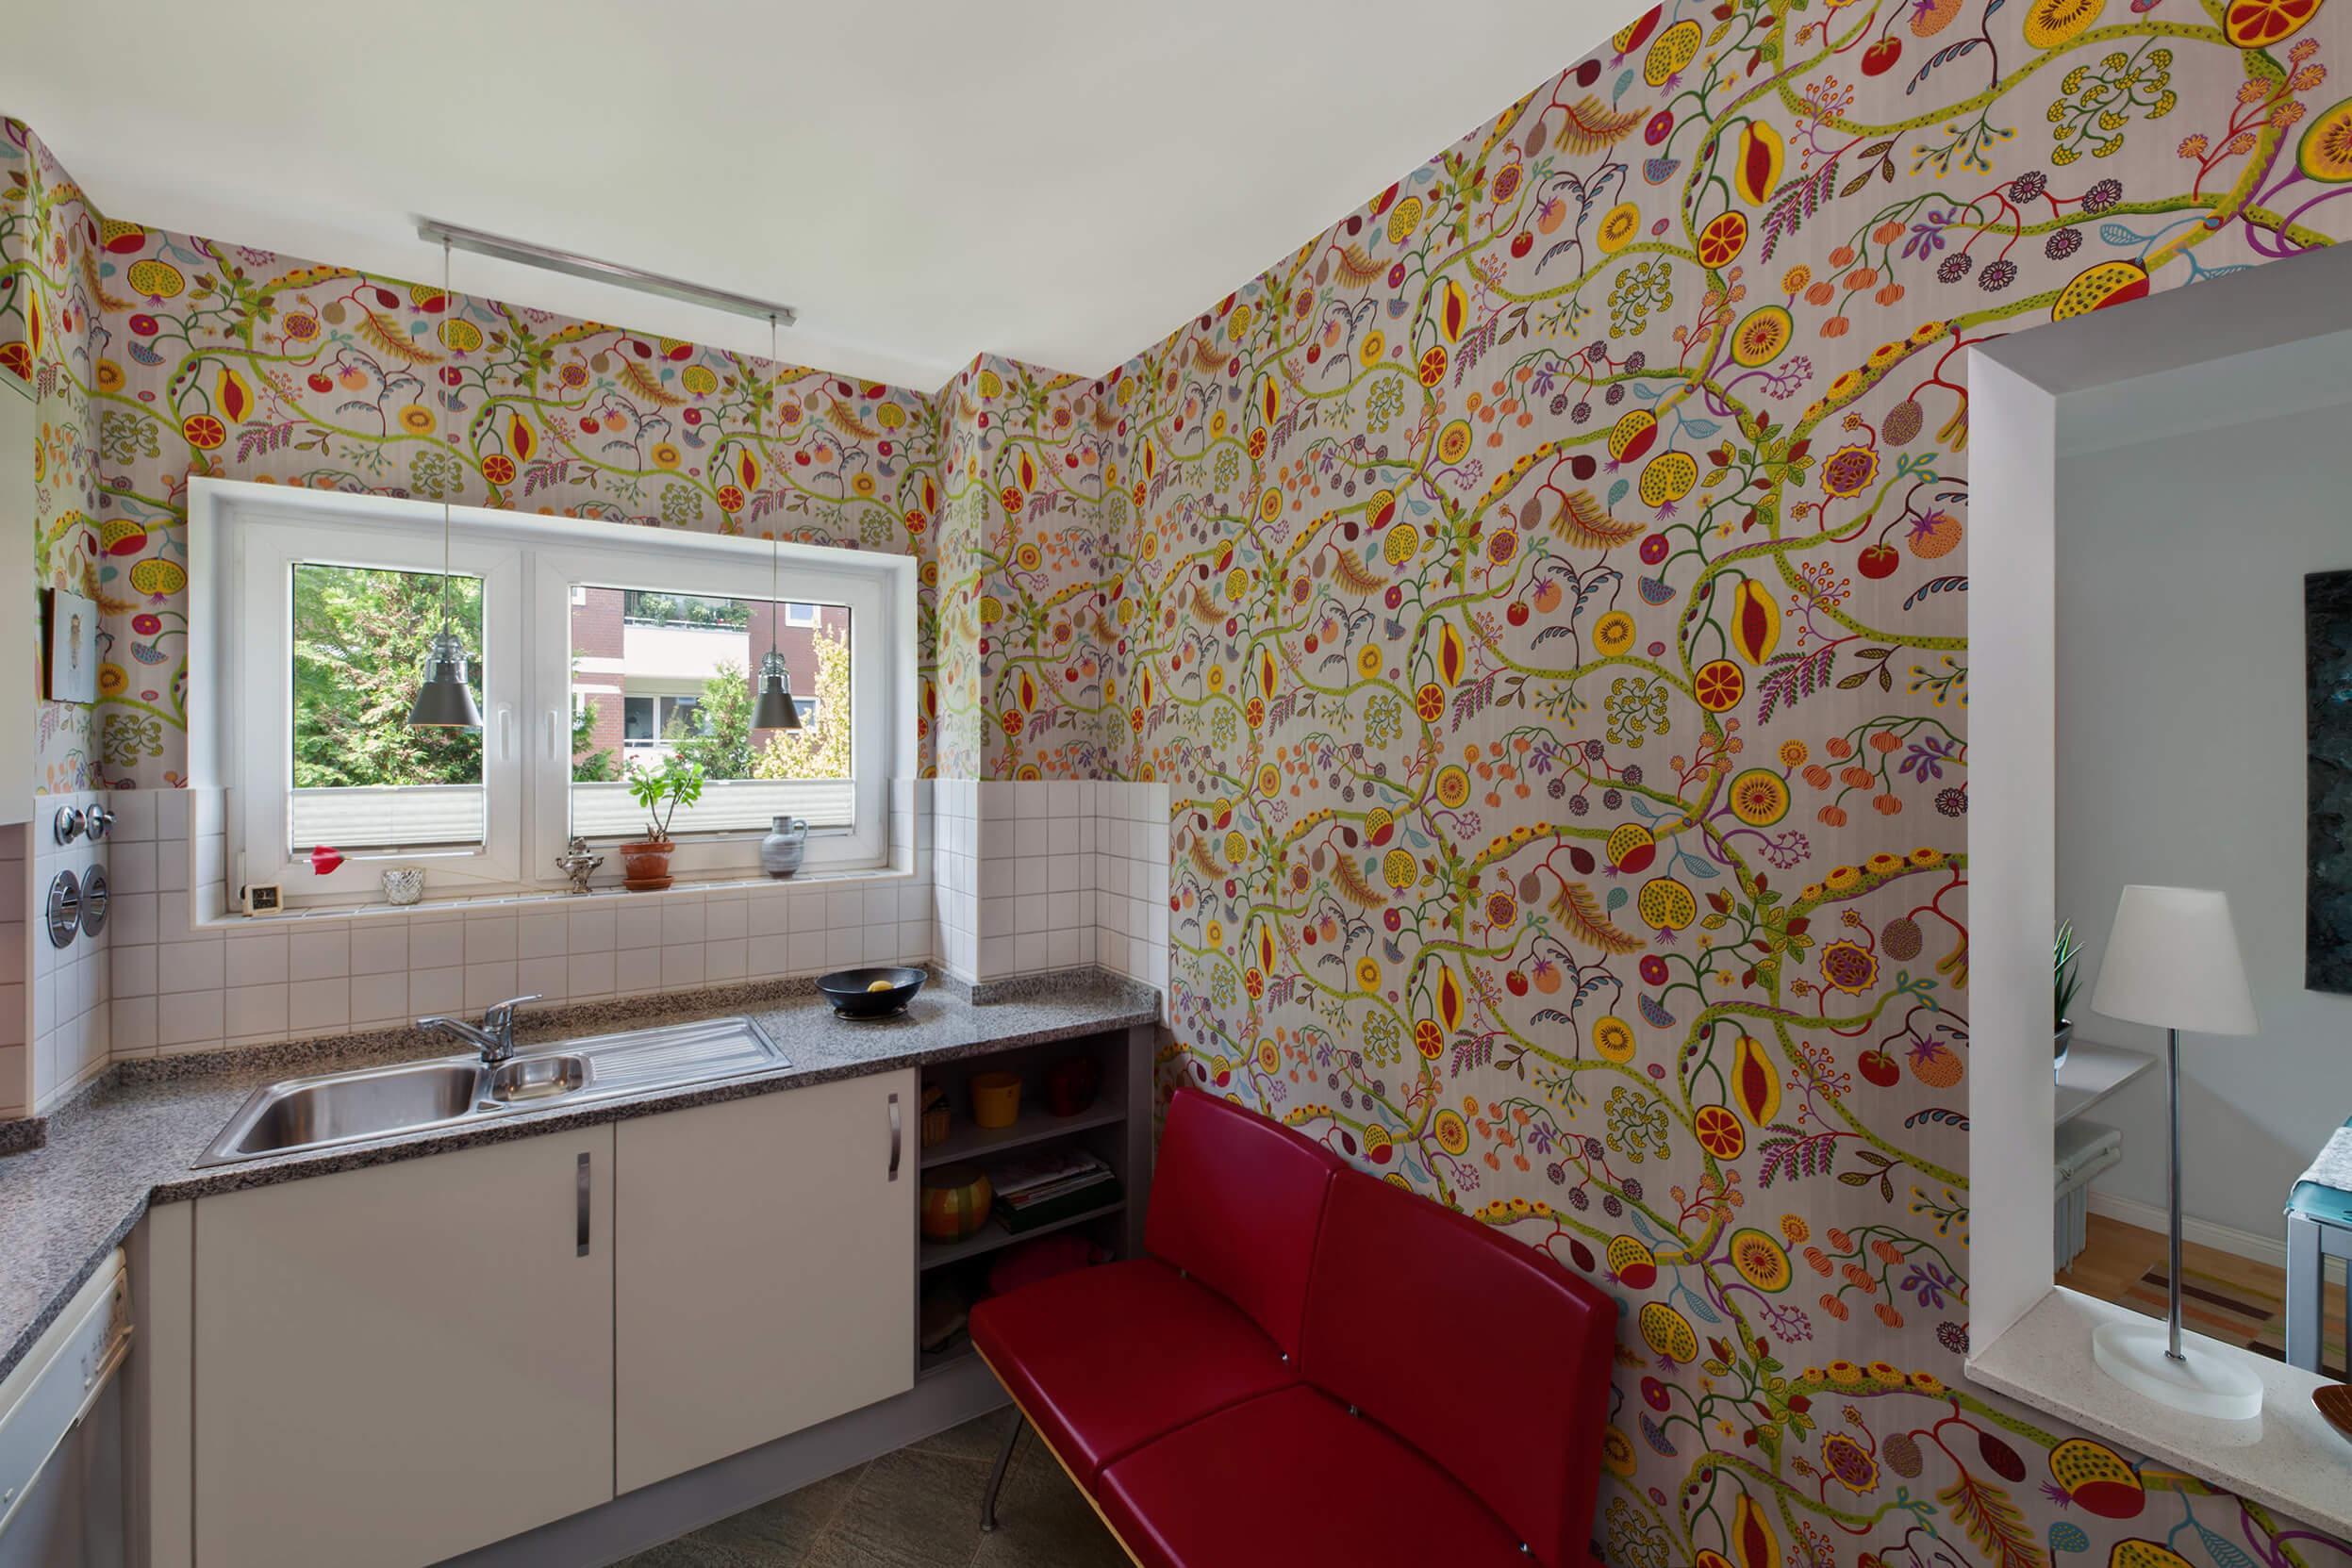 Full Size of Tapeten Schlafzimmer Fototapeten Wohnzimmer Für Küche Die Küchen Regal Ideen Wohnzimmer Küchen Tapeten Abwaschbar